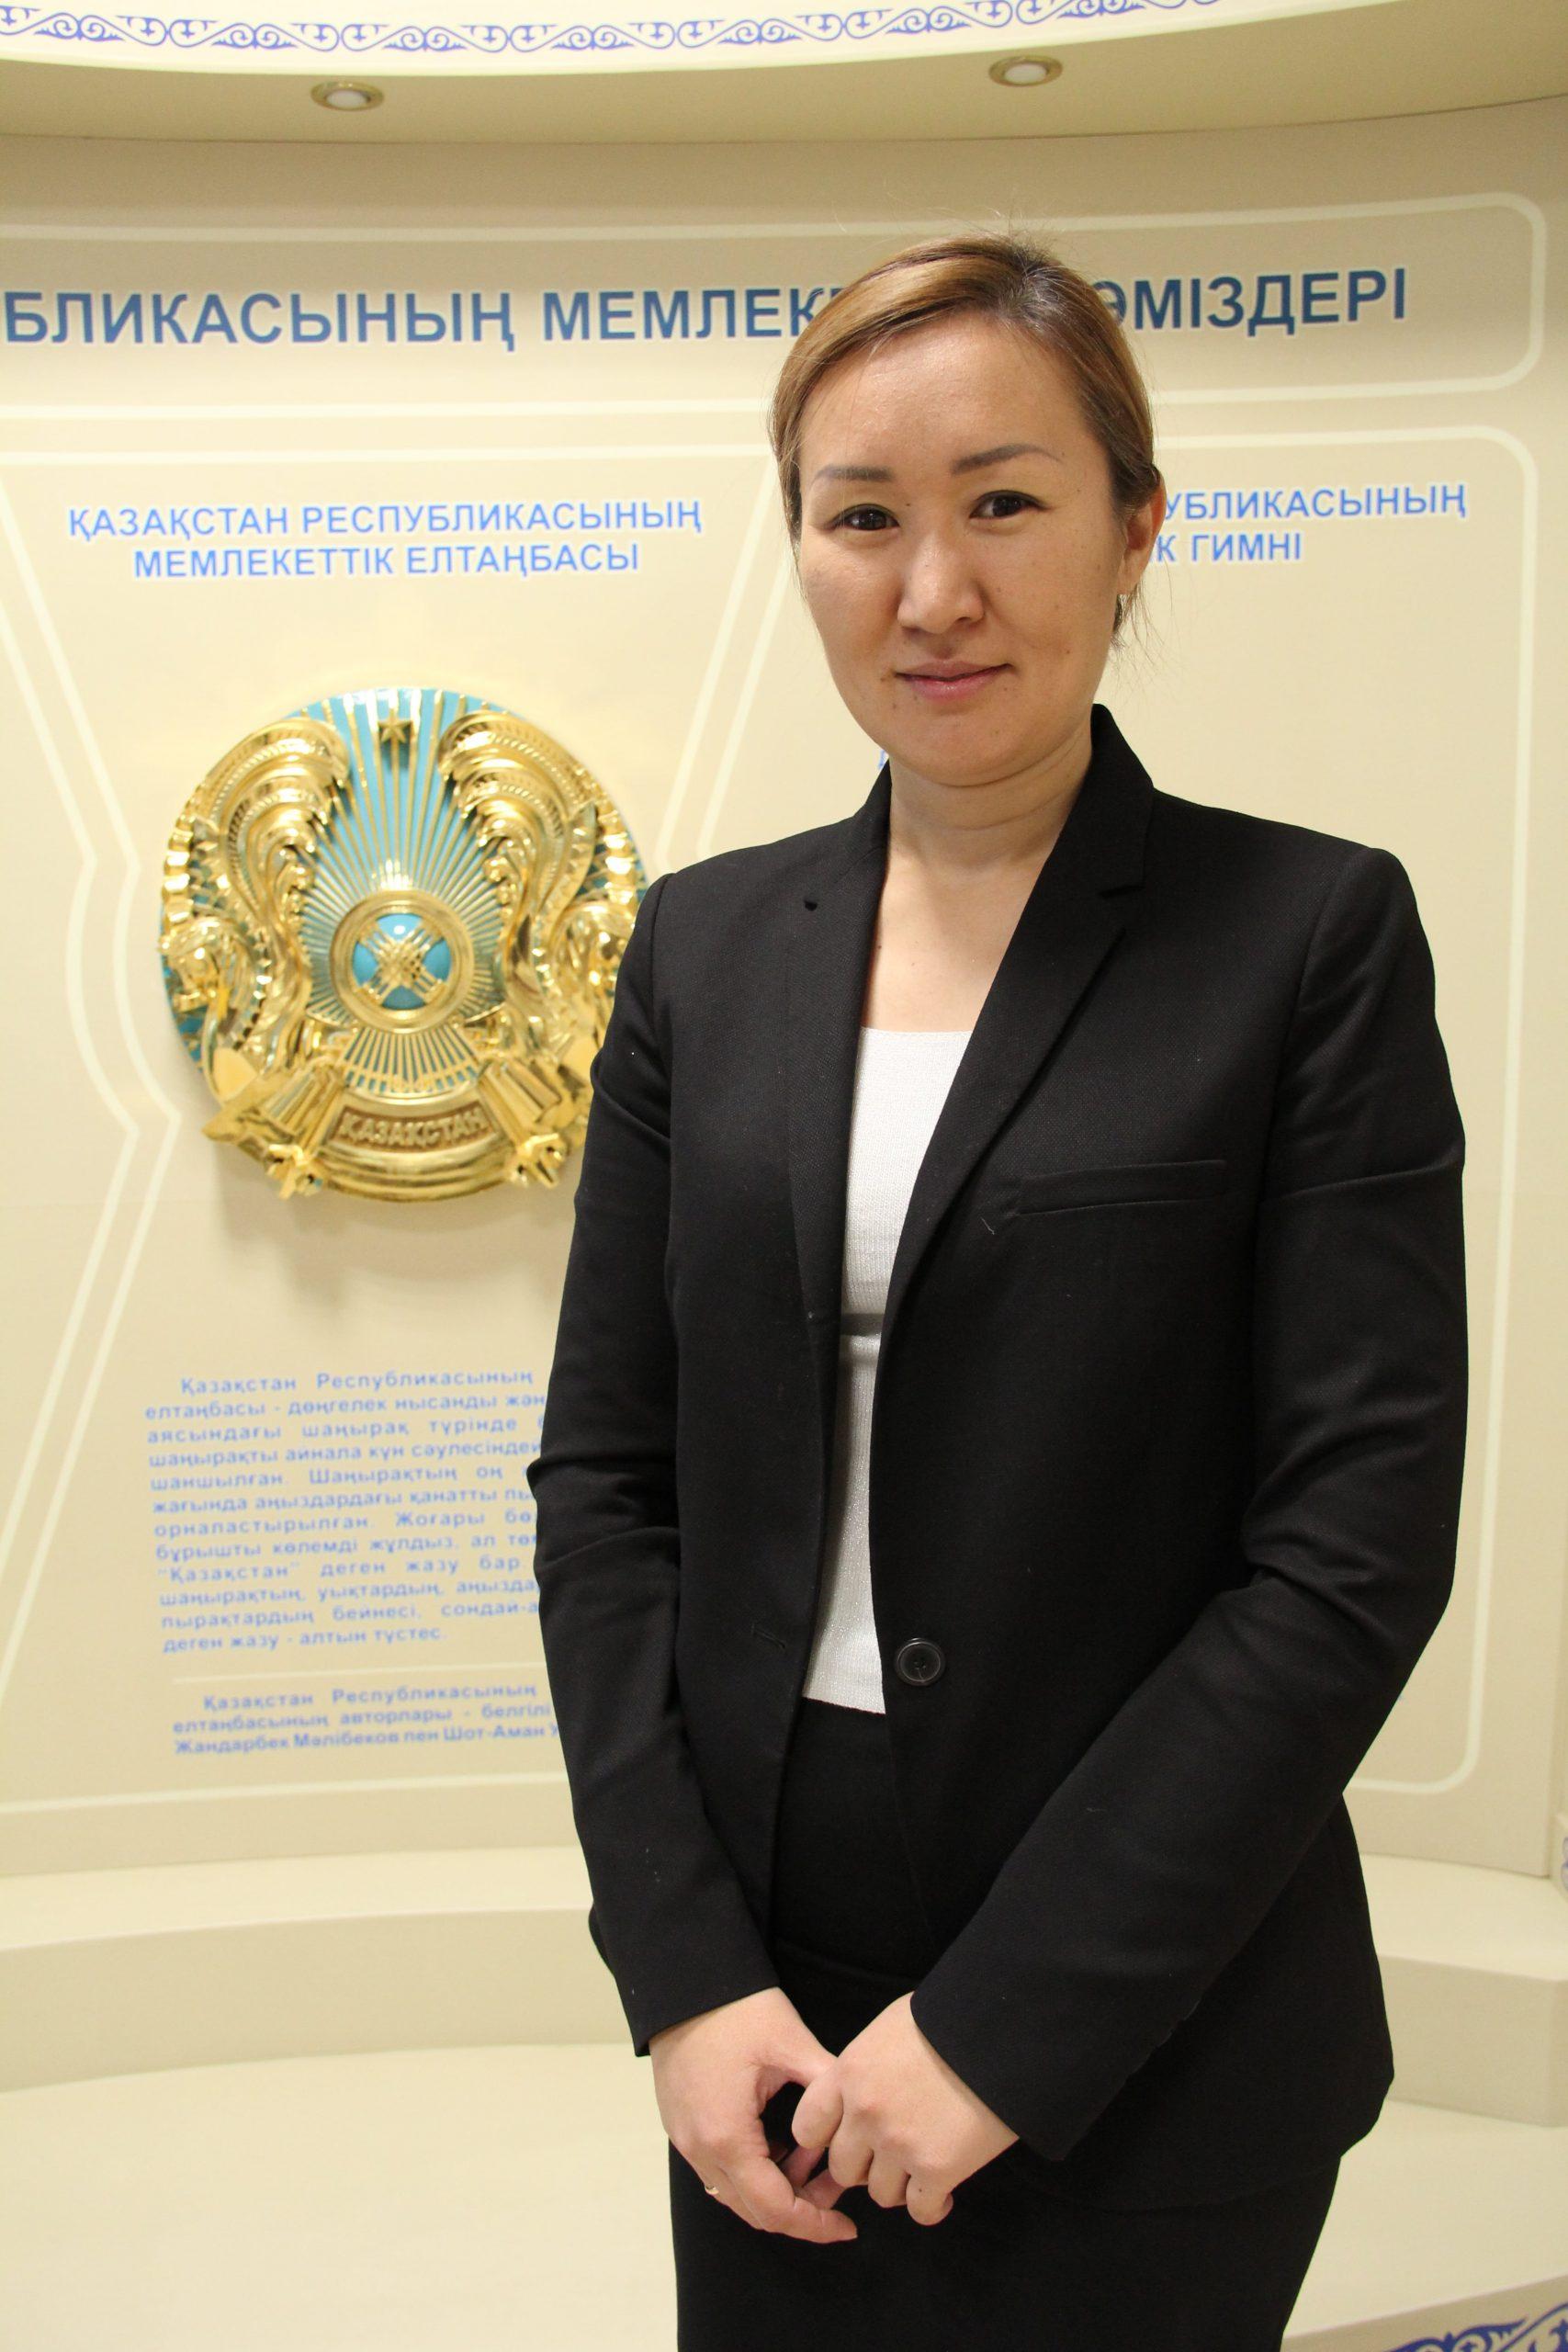 Абдезимова Лаура Жумабековна